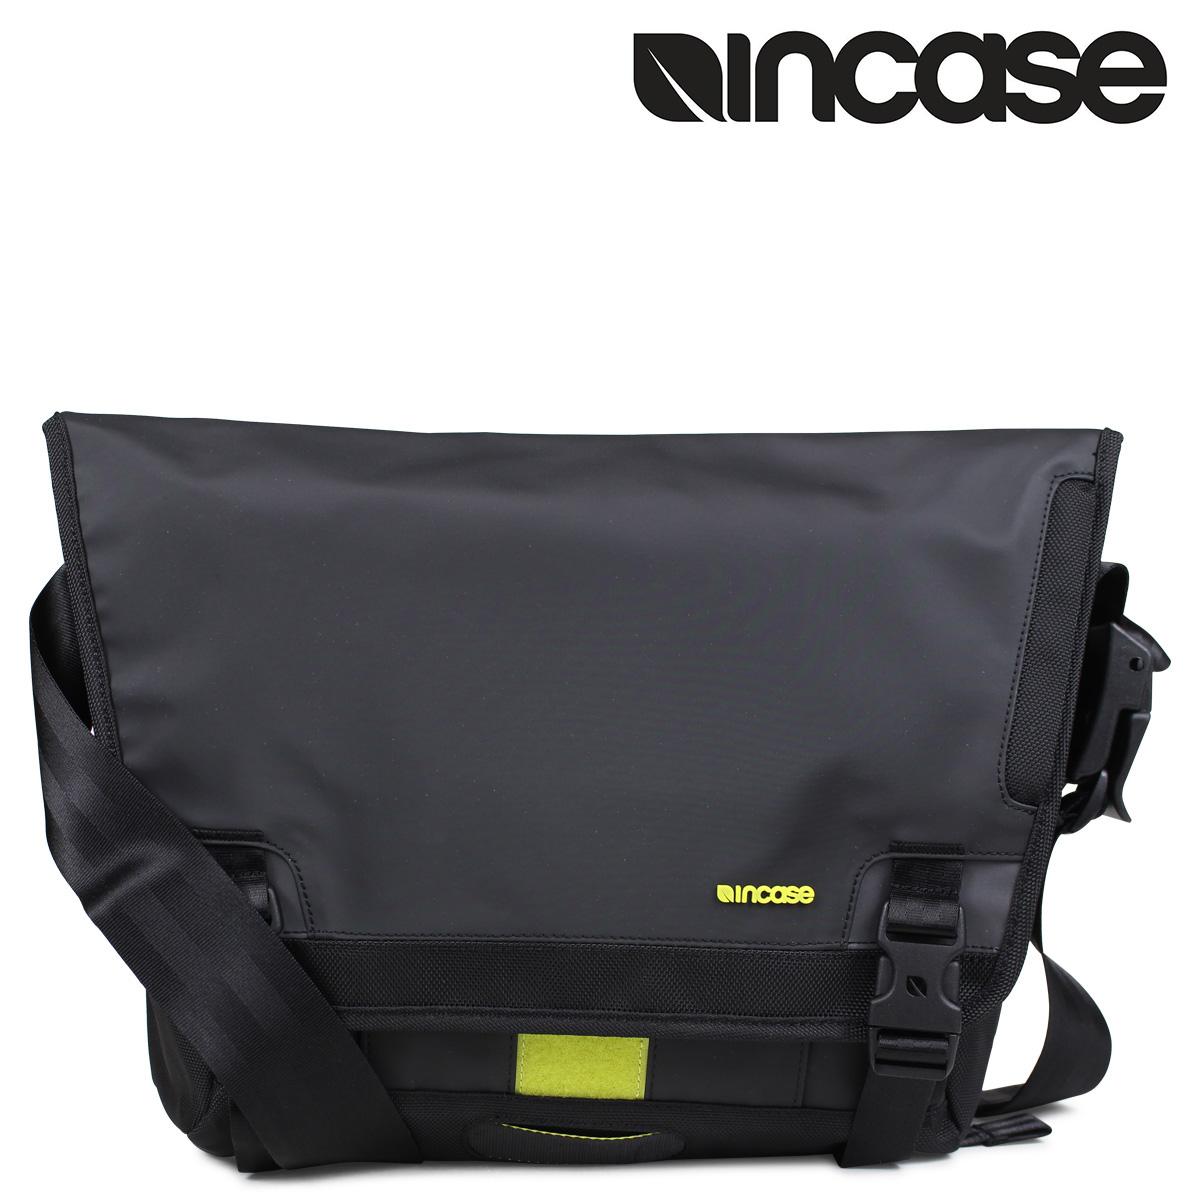 38caf53842b3 Incase(インケース)はiPhoneやiPad,MacBookなどのケースで有名なAPPLE社公認のブランド。ブランドコンセプトは